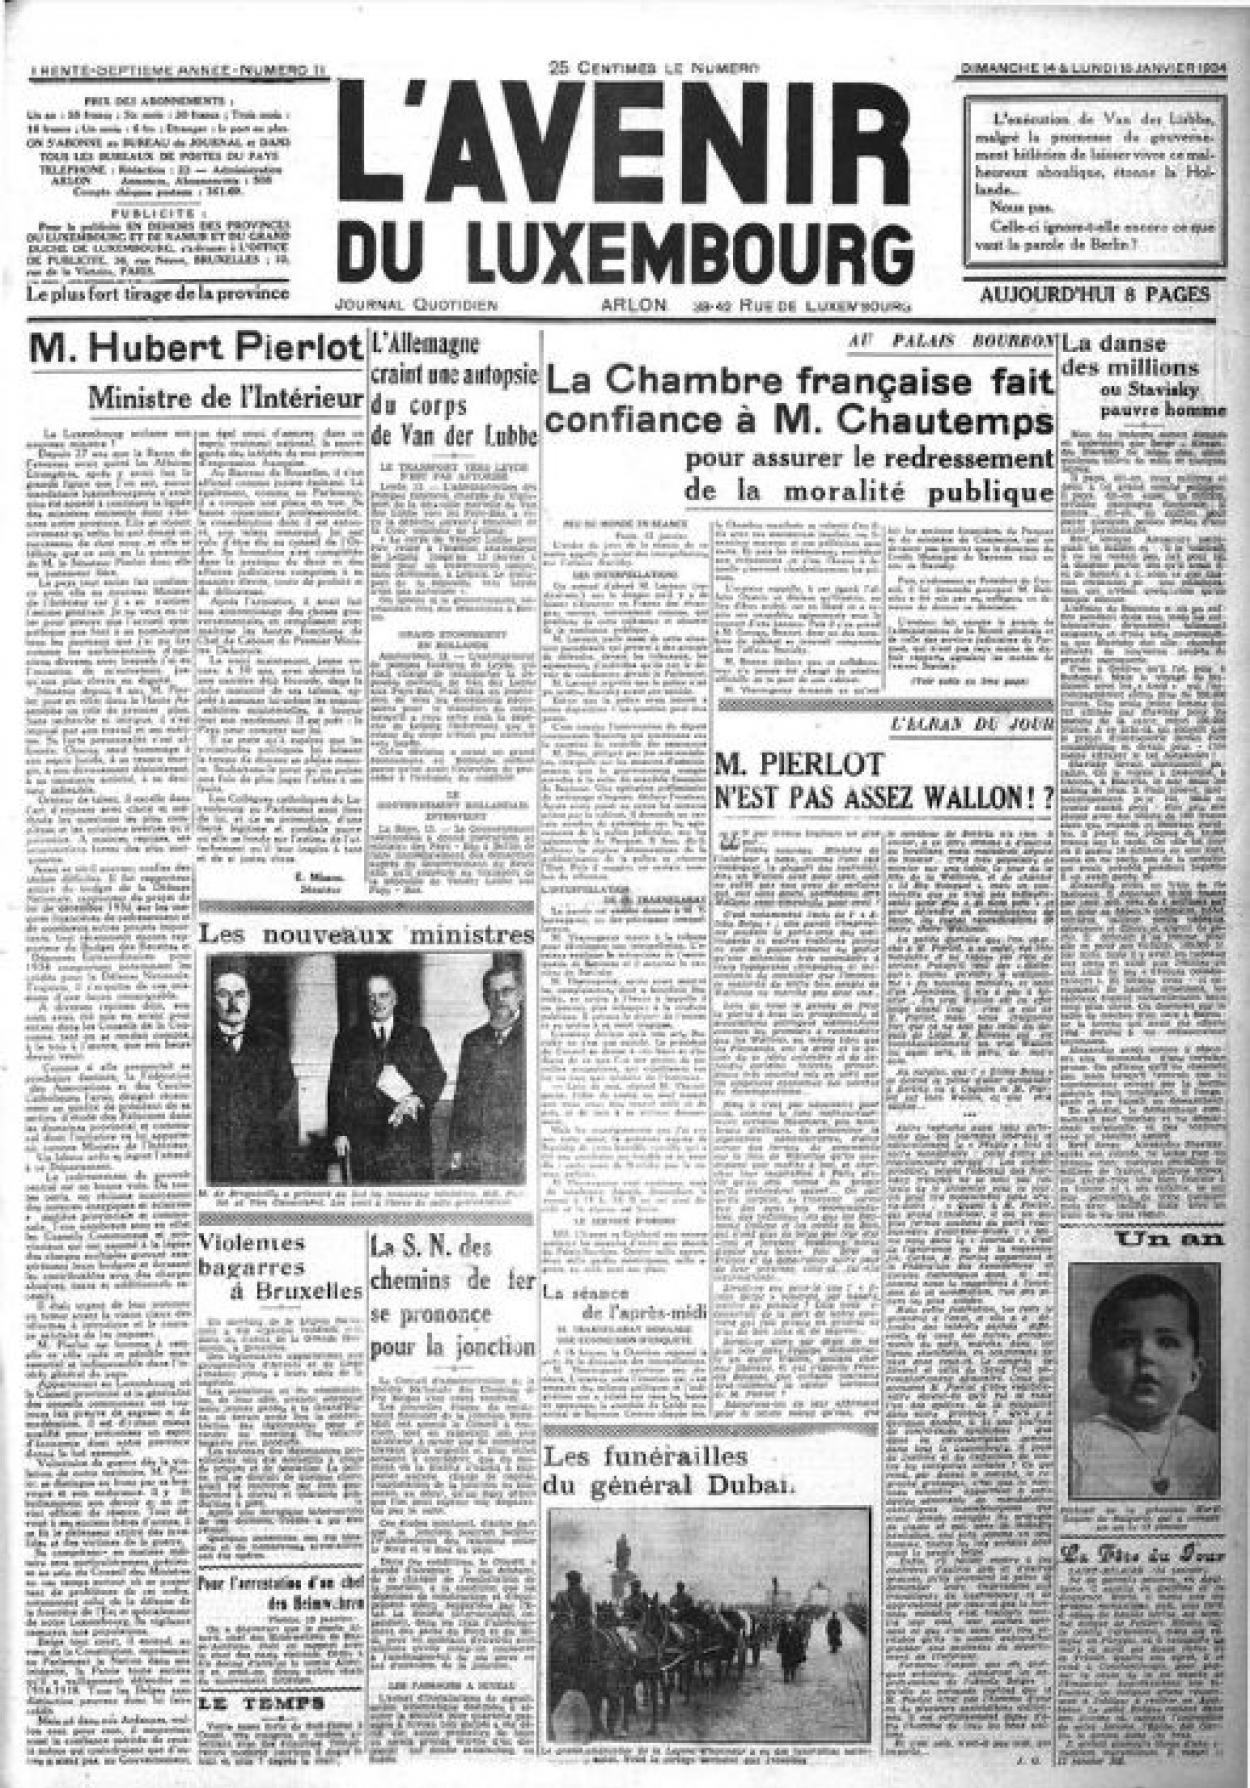 av-lux-14-15-1-1934.jpg